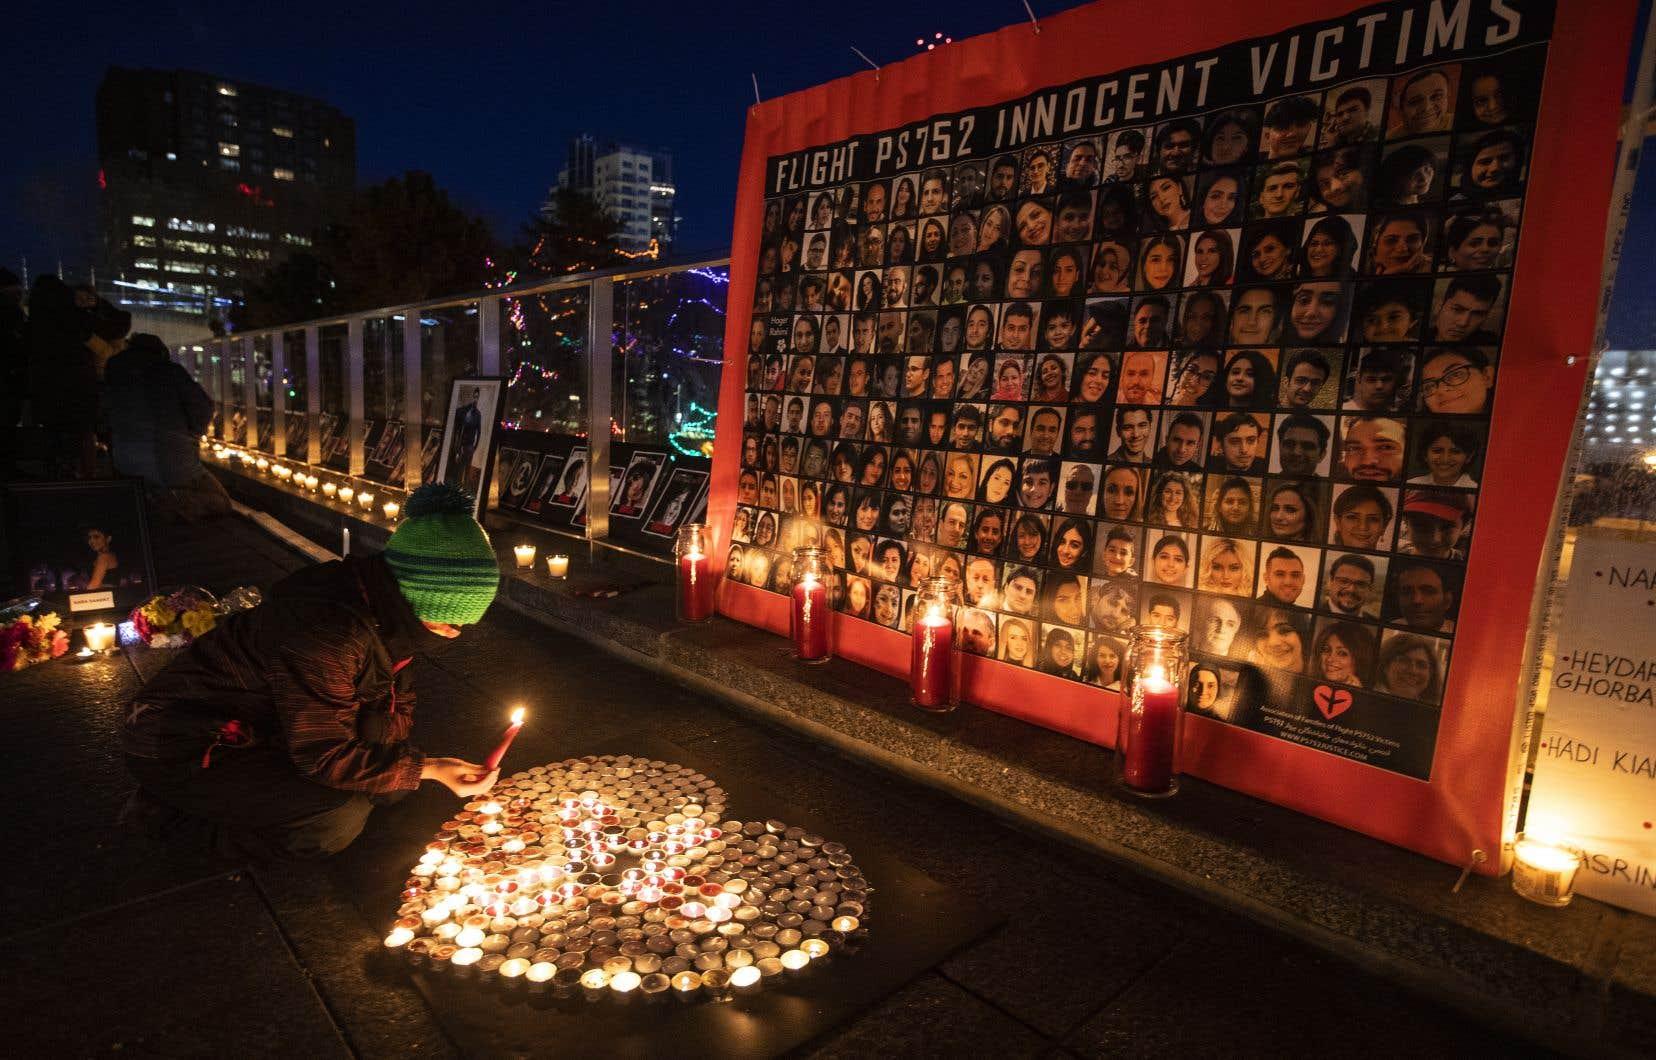 L'équipe d'enquête craint d'ailleurs que la tragédie se reproduise puisque l'Iran n'a toujours pas fourni de réponses «aux nombreuses questions cruciales qui subsistent».